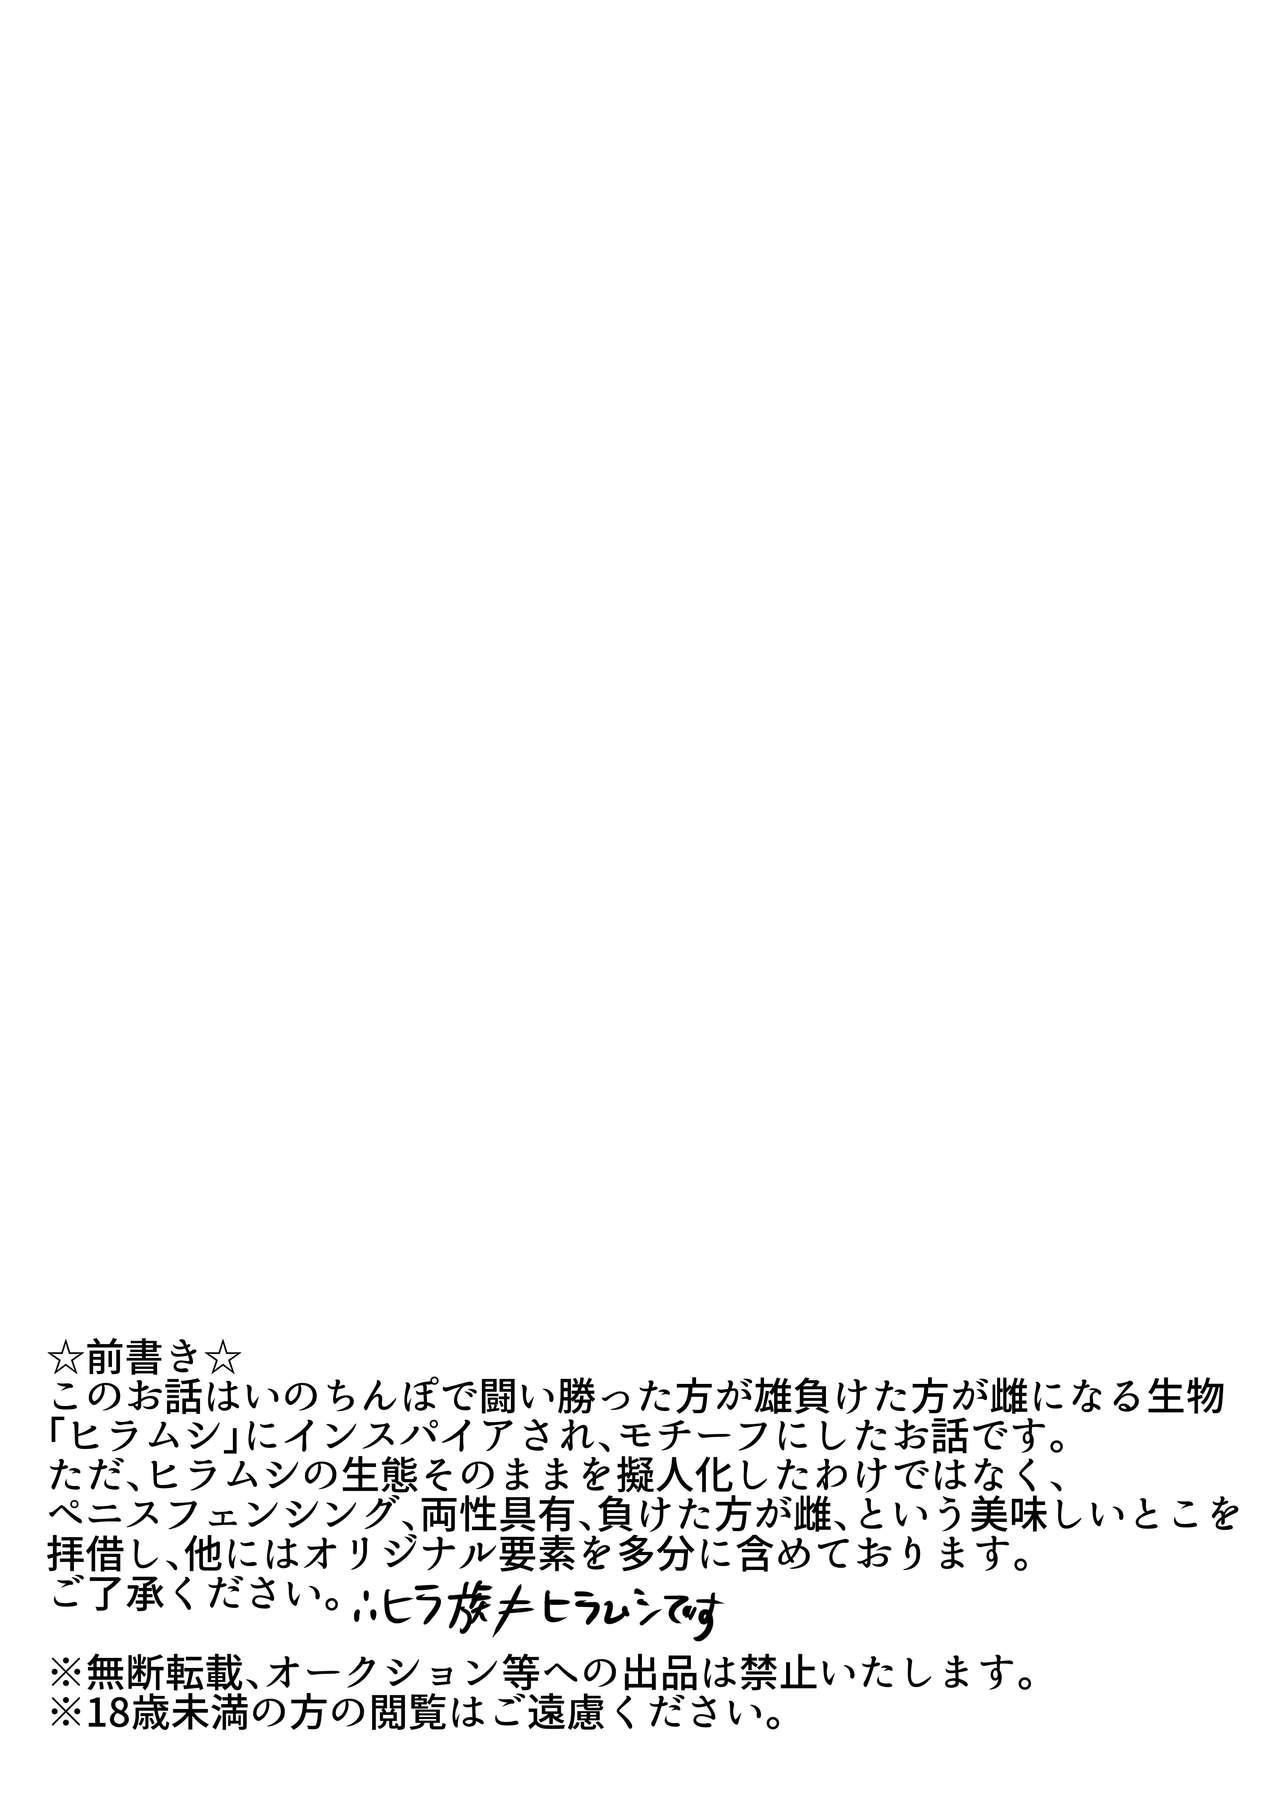 Hira-zoku no Hanashi 1